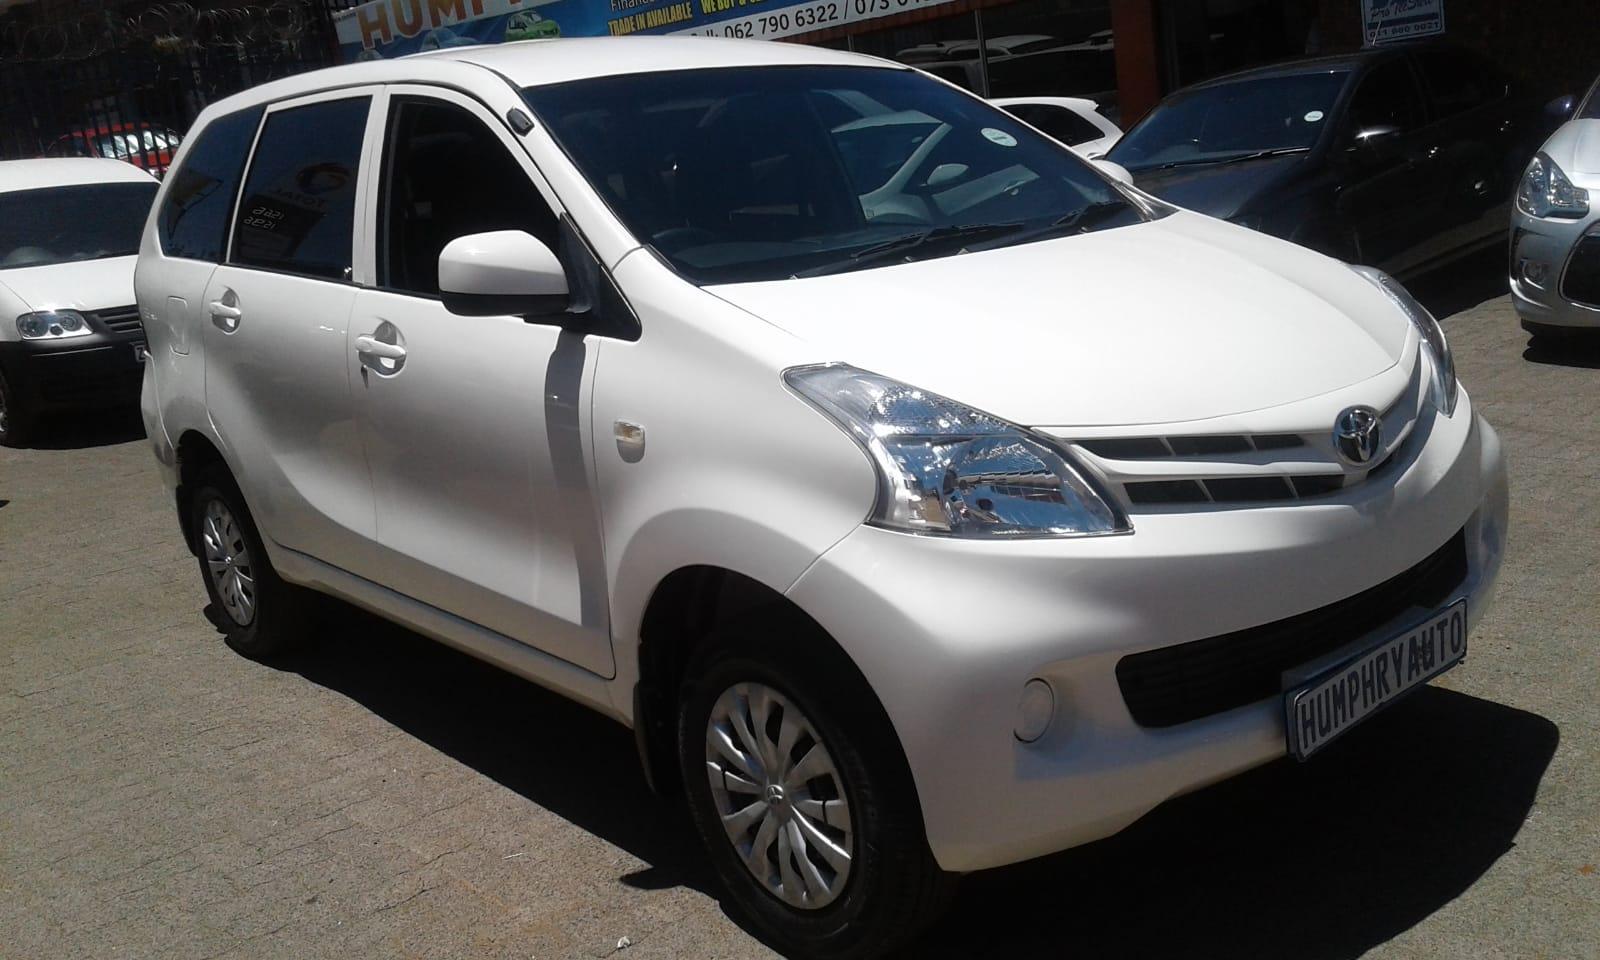 Kelebihan Kekurangan Toyota Avanza 2013 Tangguh